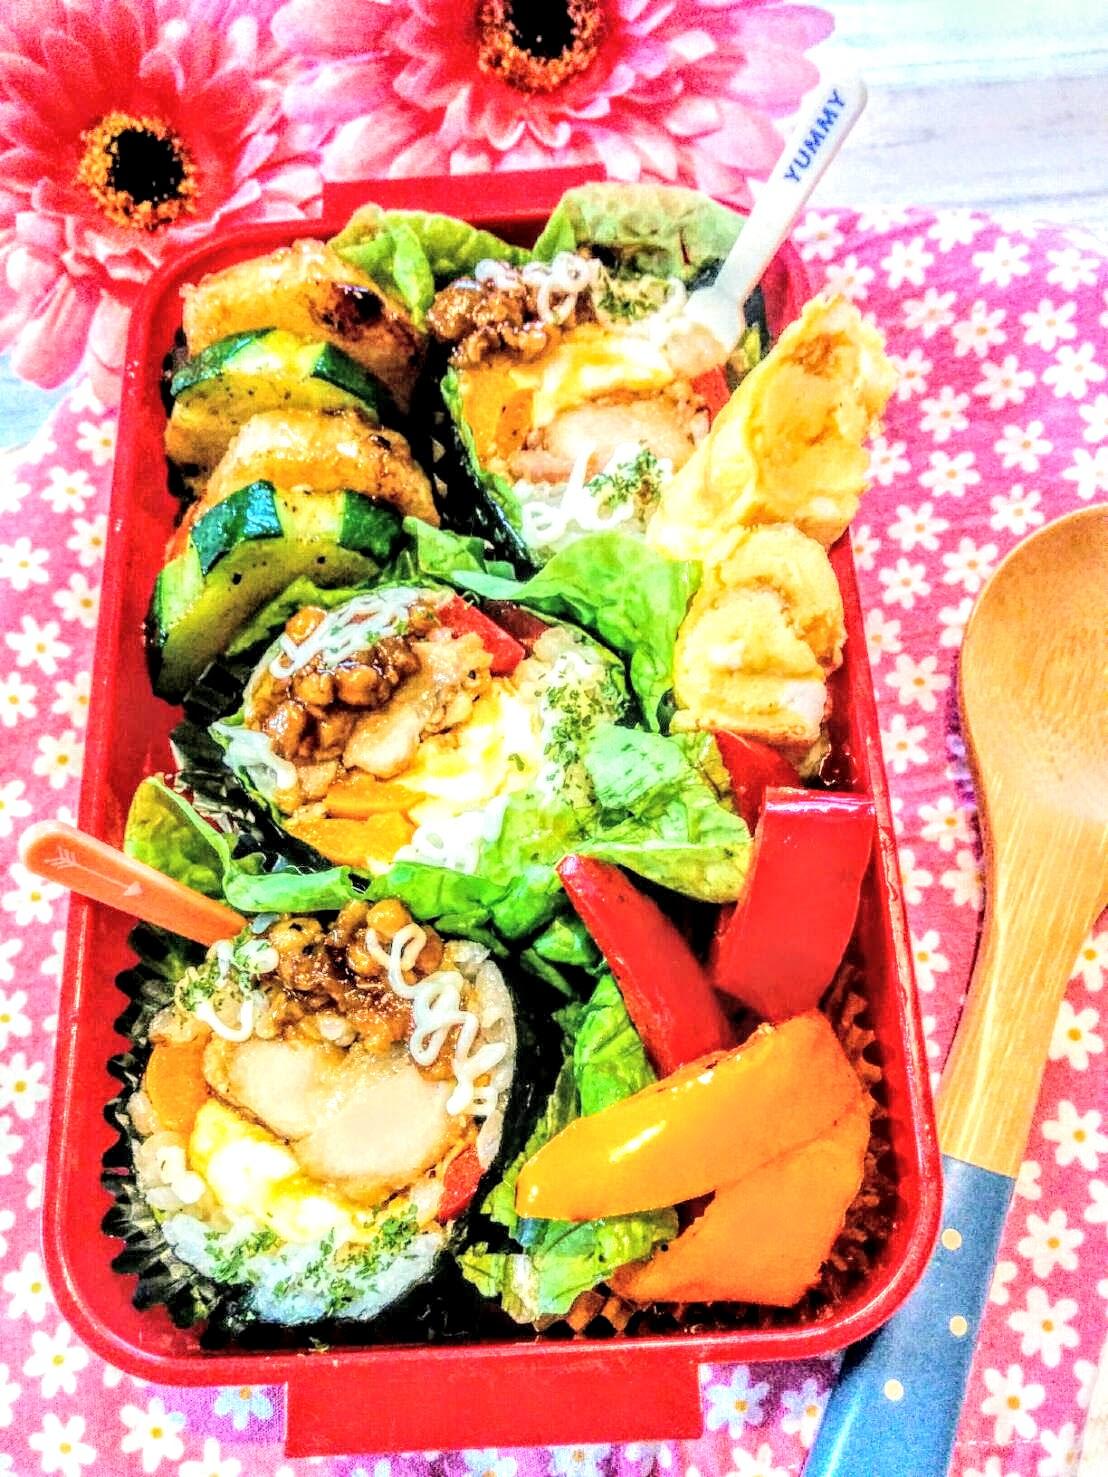 【小樽】娘の今日のお弁当・照り焼きチキン巻き弁当グルメ案内です。